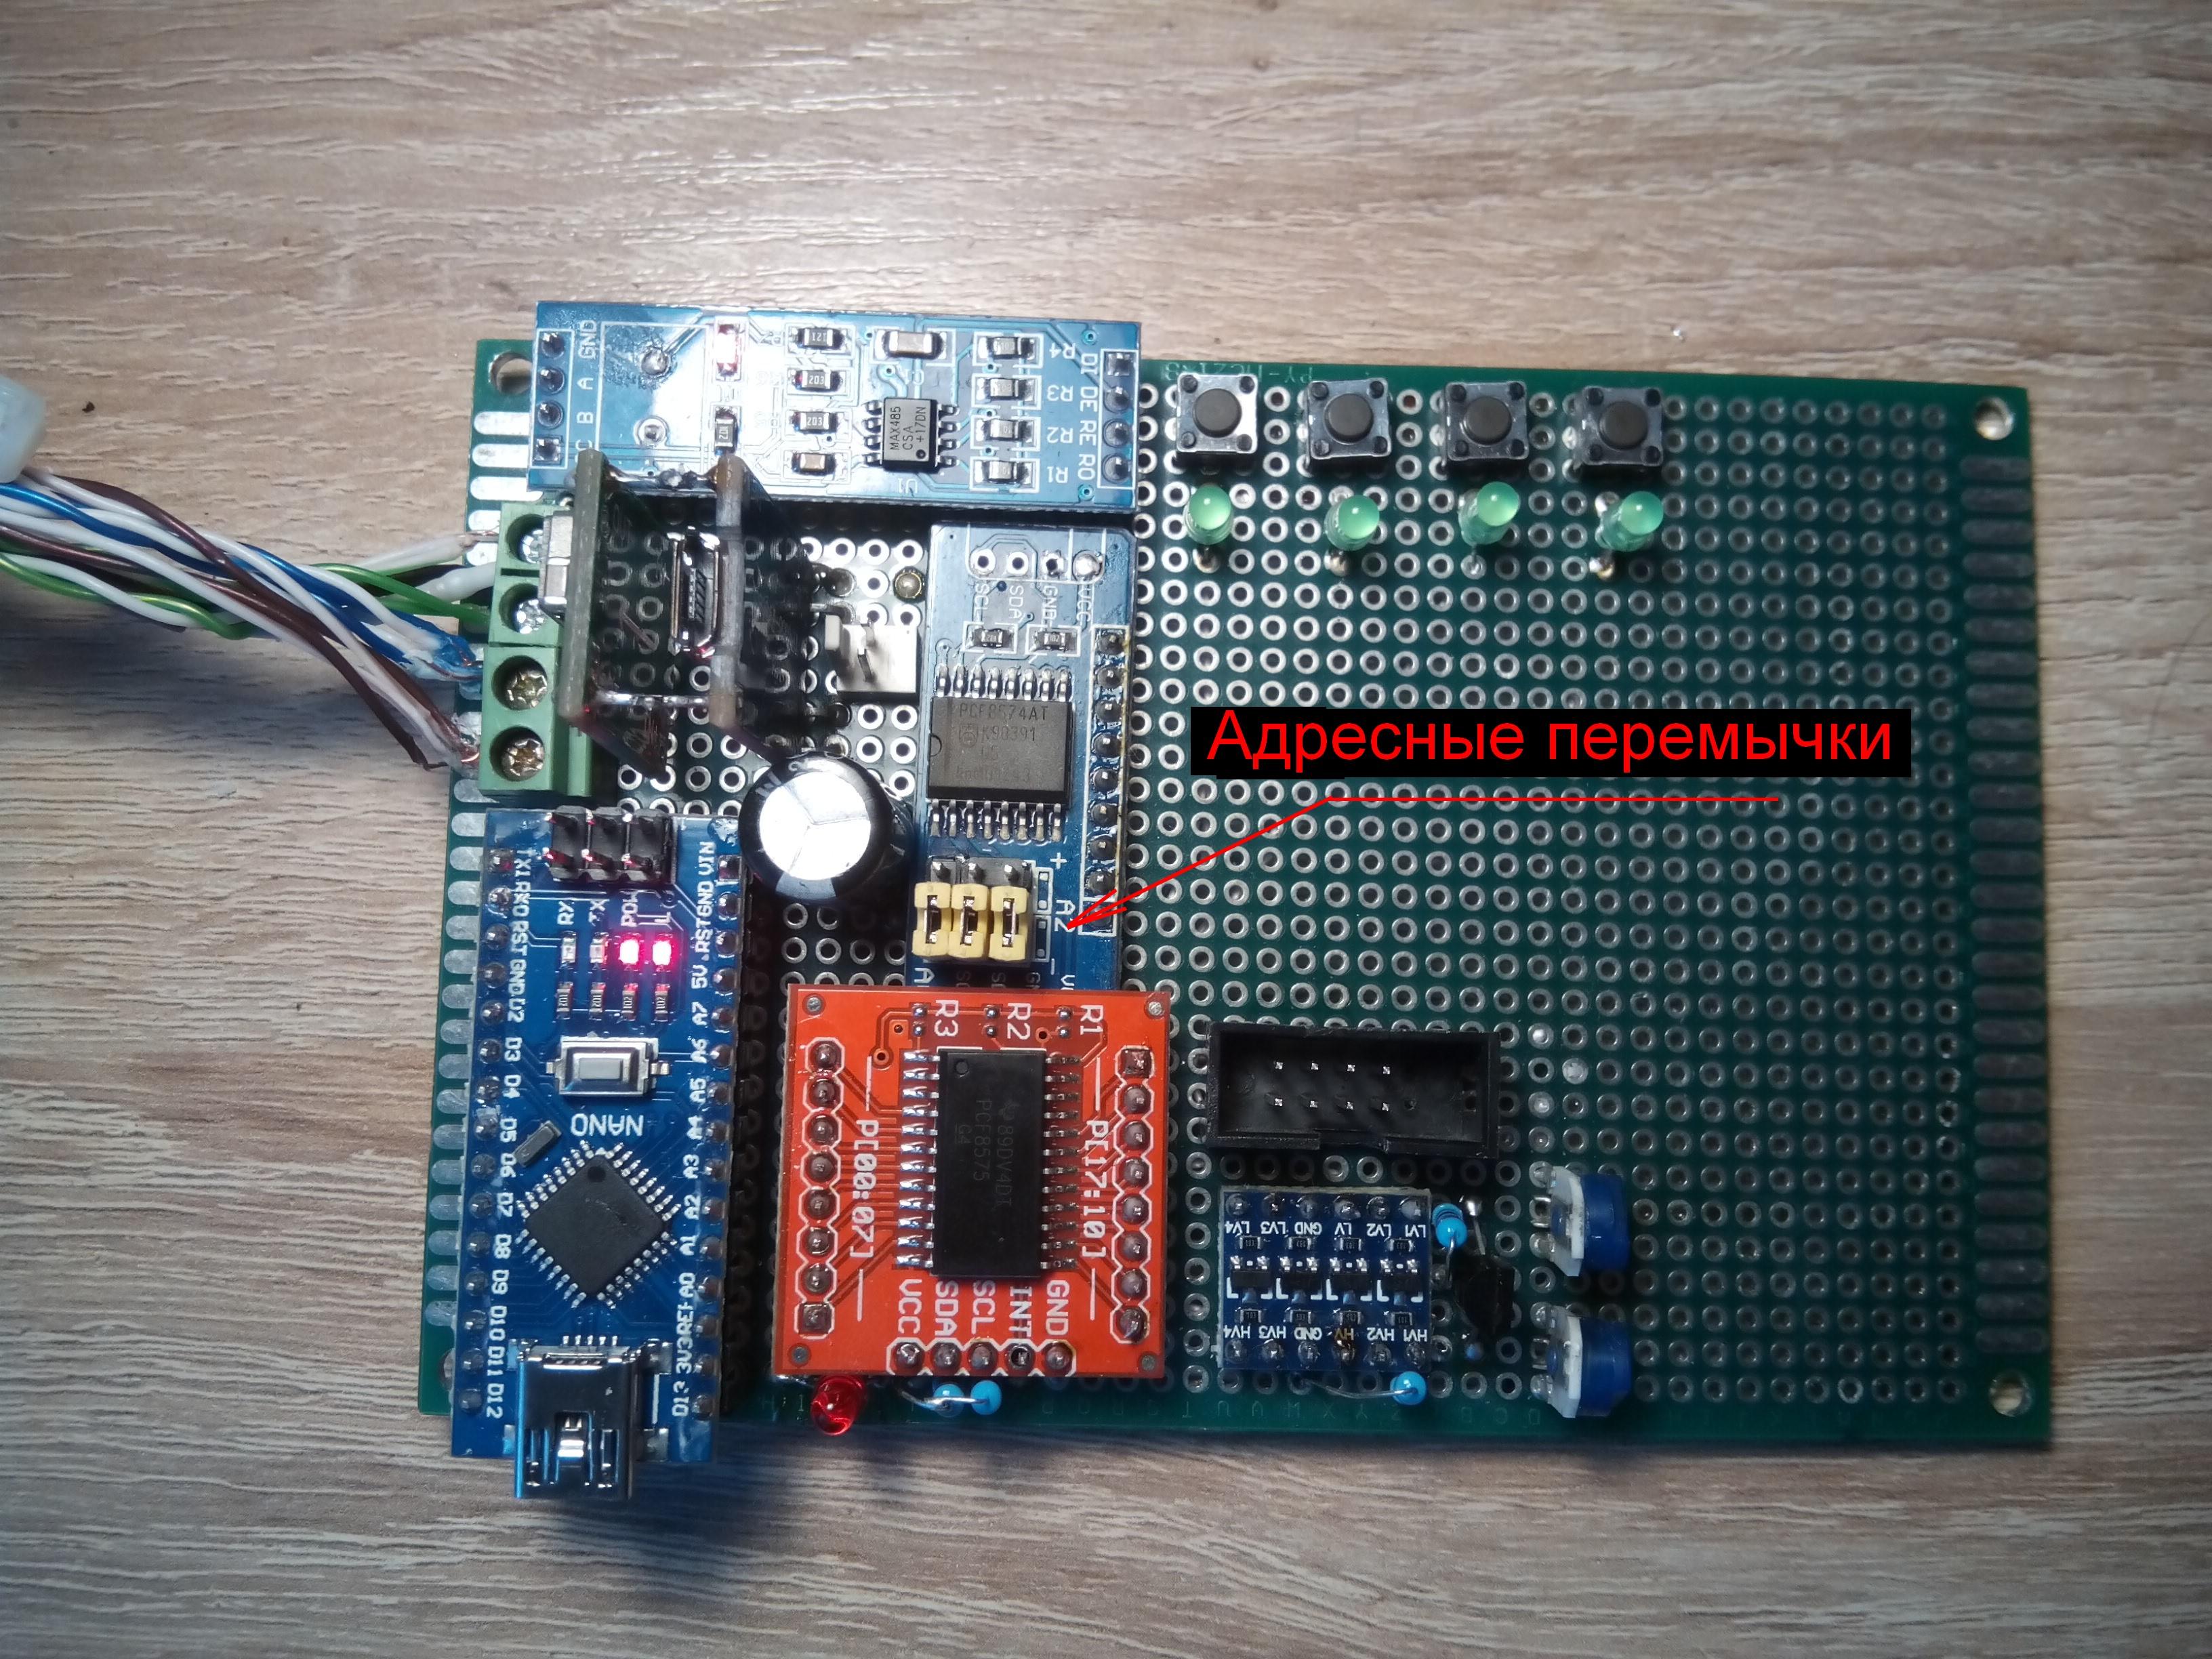 Подключение расширителей портов PCF8574 и PCF8575 к Ардуино Nano